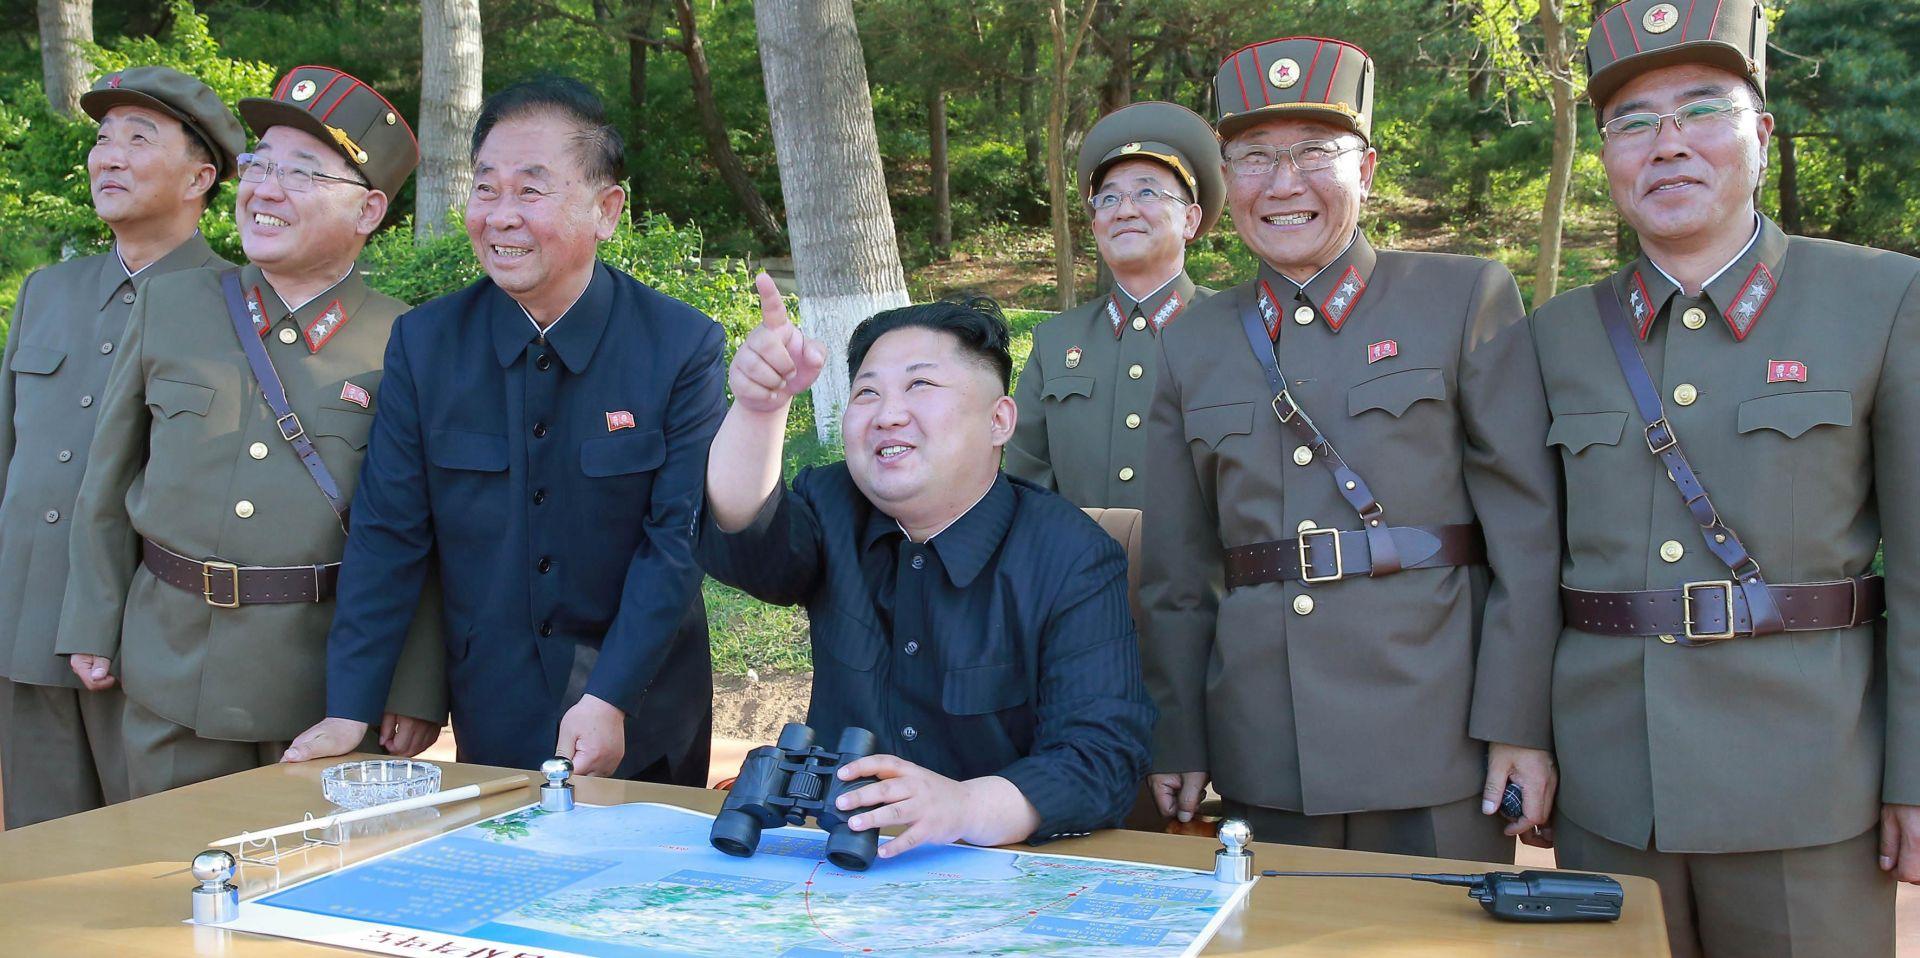 Sjeverna Koreja ima više plutonija nego se misli